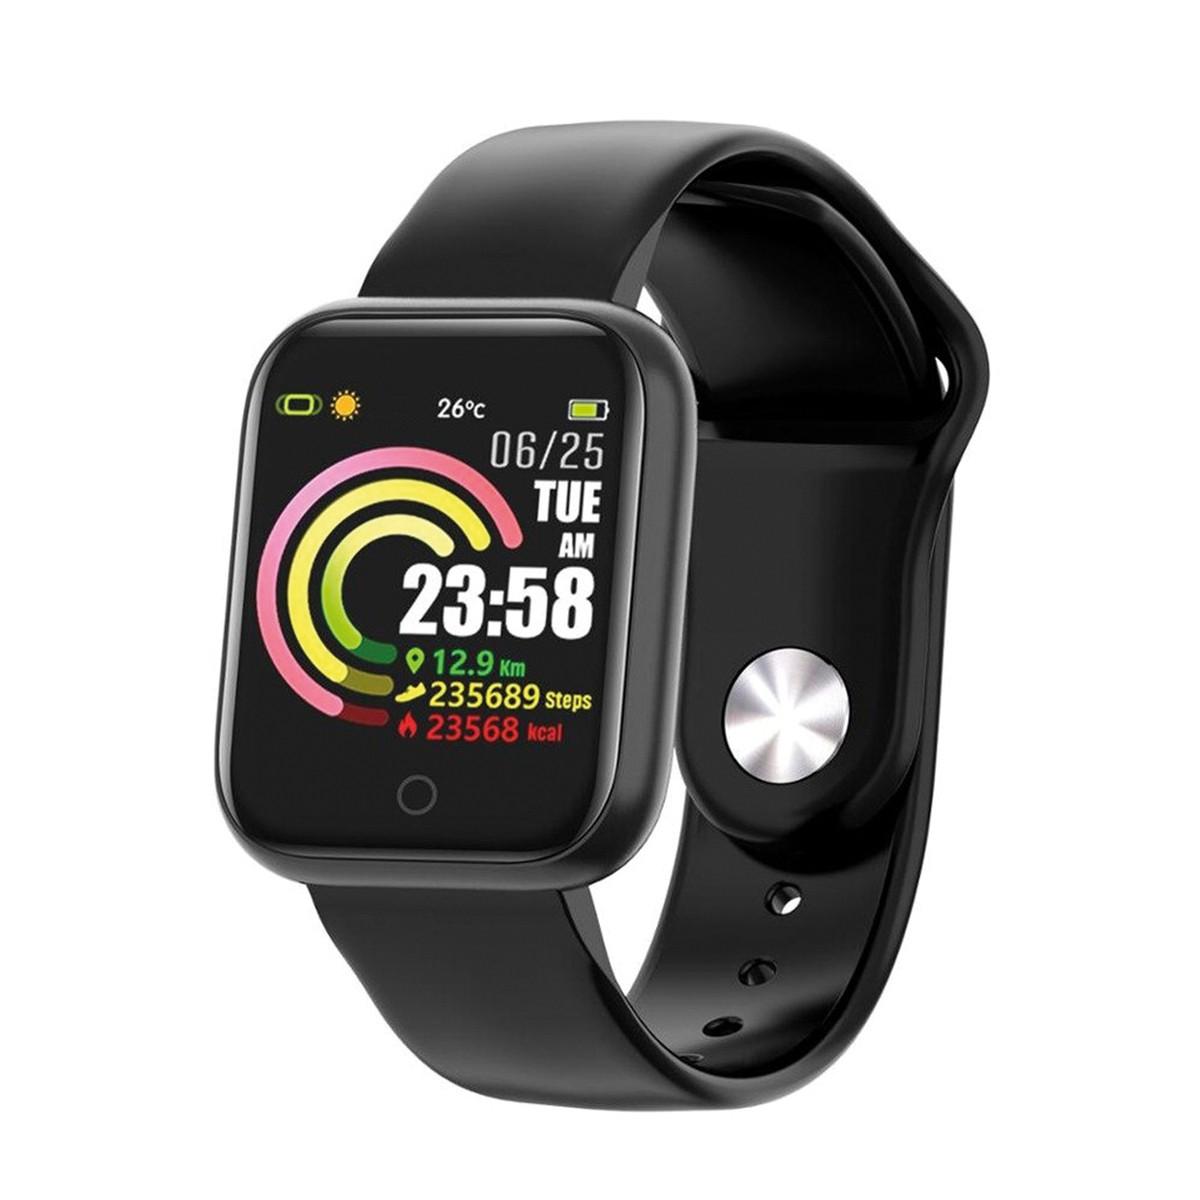 Pulseira Inteligente OEX Ace, Bluetooth, Medidor de Frequência Cardíaca, A Prova d´Água, Preto - PS300